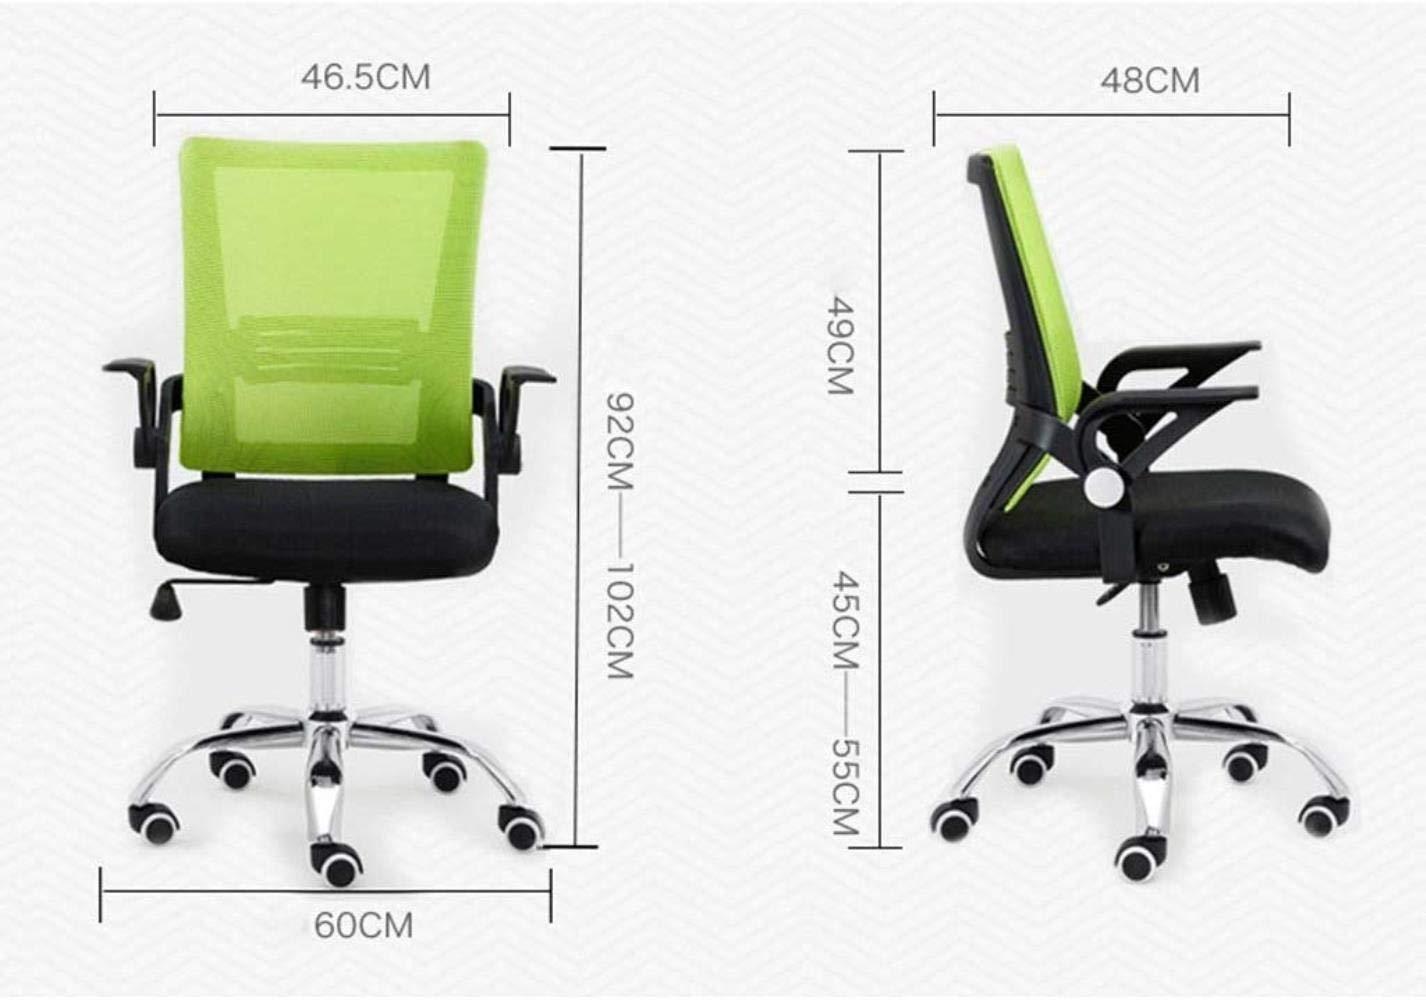 RXL bekväm kontorsstol datorstol rygg latex student lärande stol båge form enkel hushåll komfort vridstol robust (färg: Blå) gRÖN